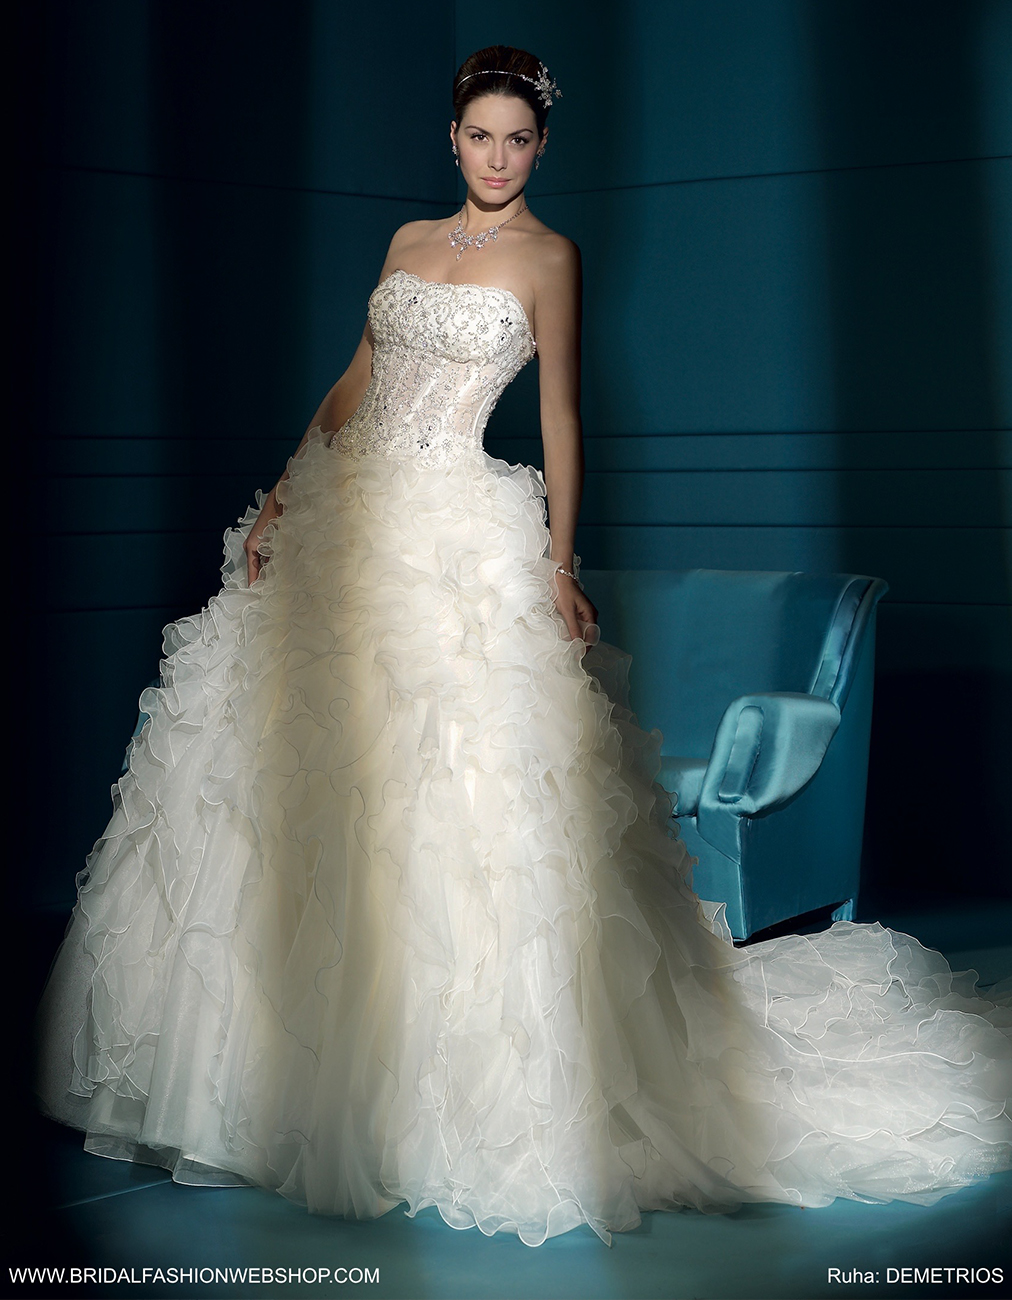 menyasszonyi ruha webshop, Egyedülálló menyasszonyi ruha webshop a Fehér Szalontól – A többgenerációs szalon számos újdongással készül a következő szezonra